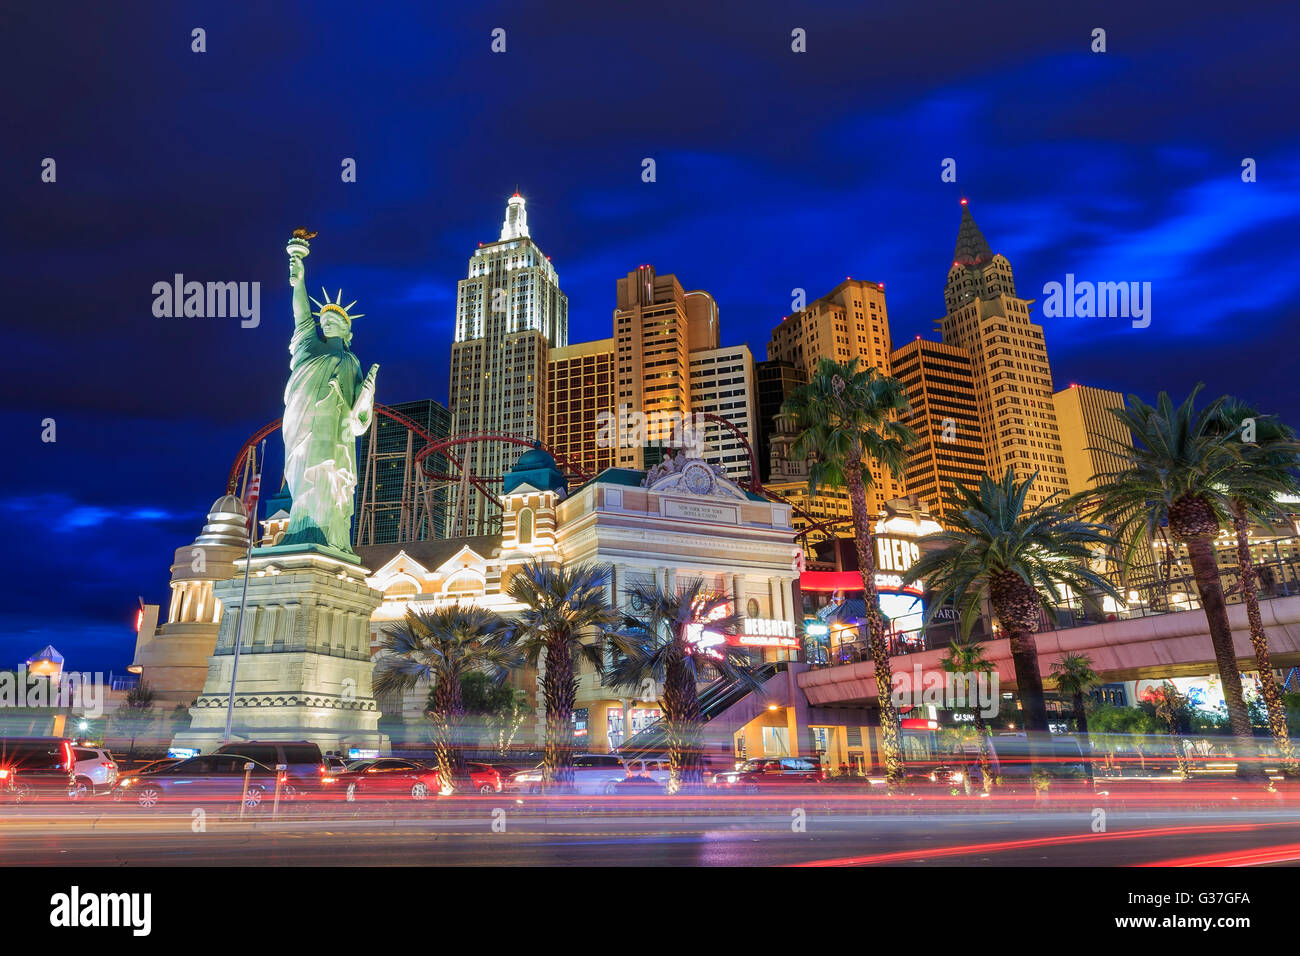 Il 5 agosto, Las Vegas: la famosa New York New York Hotel & Casino il Ago 5, 2015 a Las Vegas, Nevada Immagini Stock